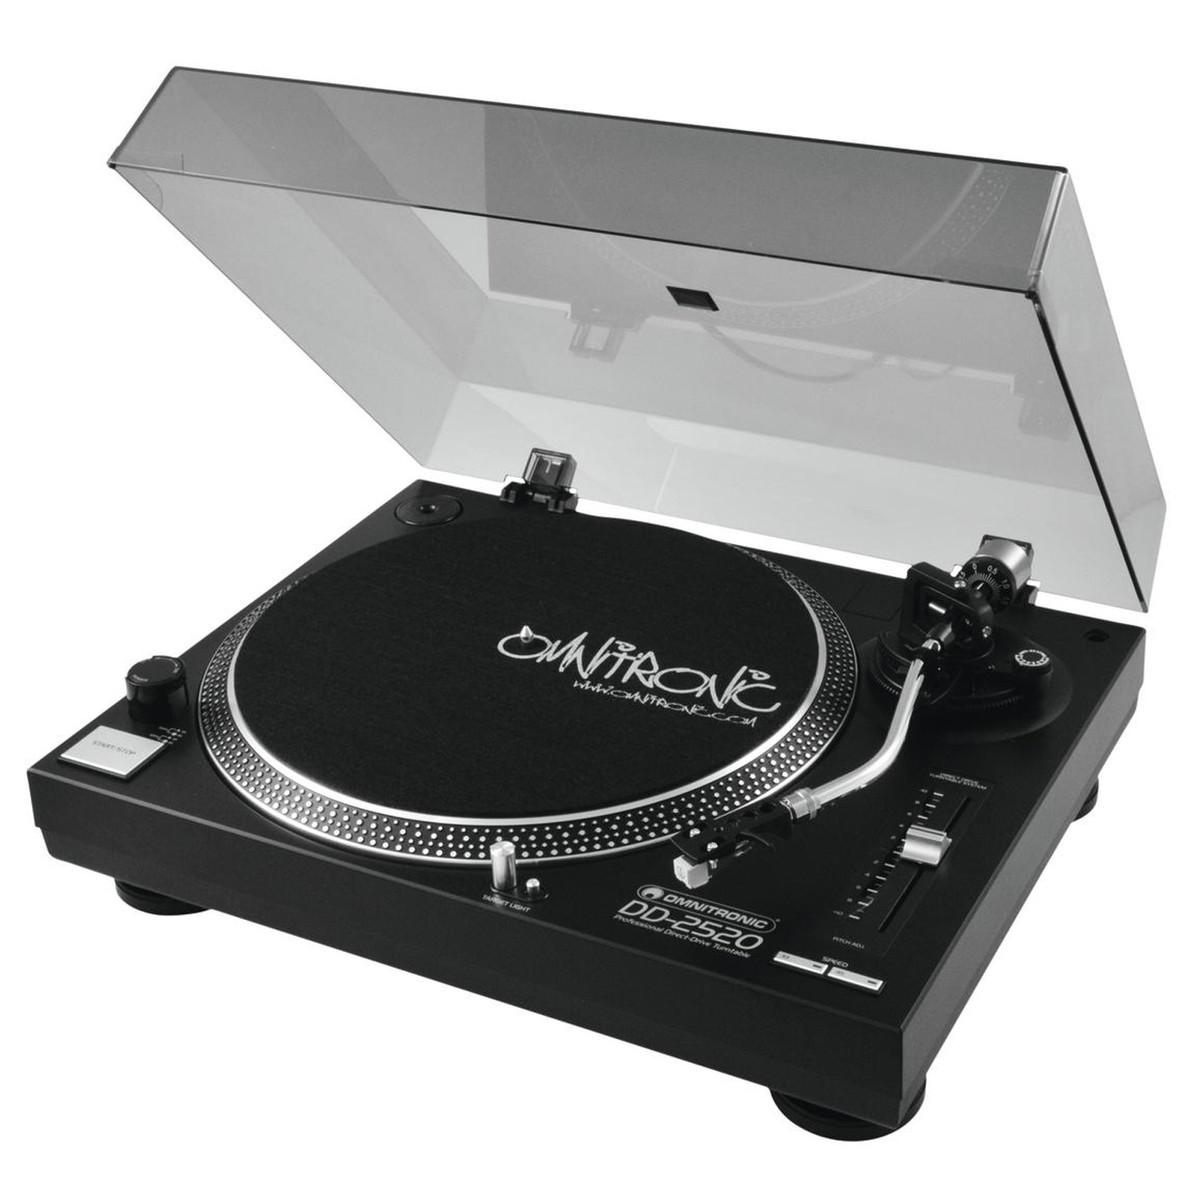 OMNITRONIC DD-2520 USB BLACK GIRADISCHI PER DJ TRAZIONE DIRETTA NERO 1